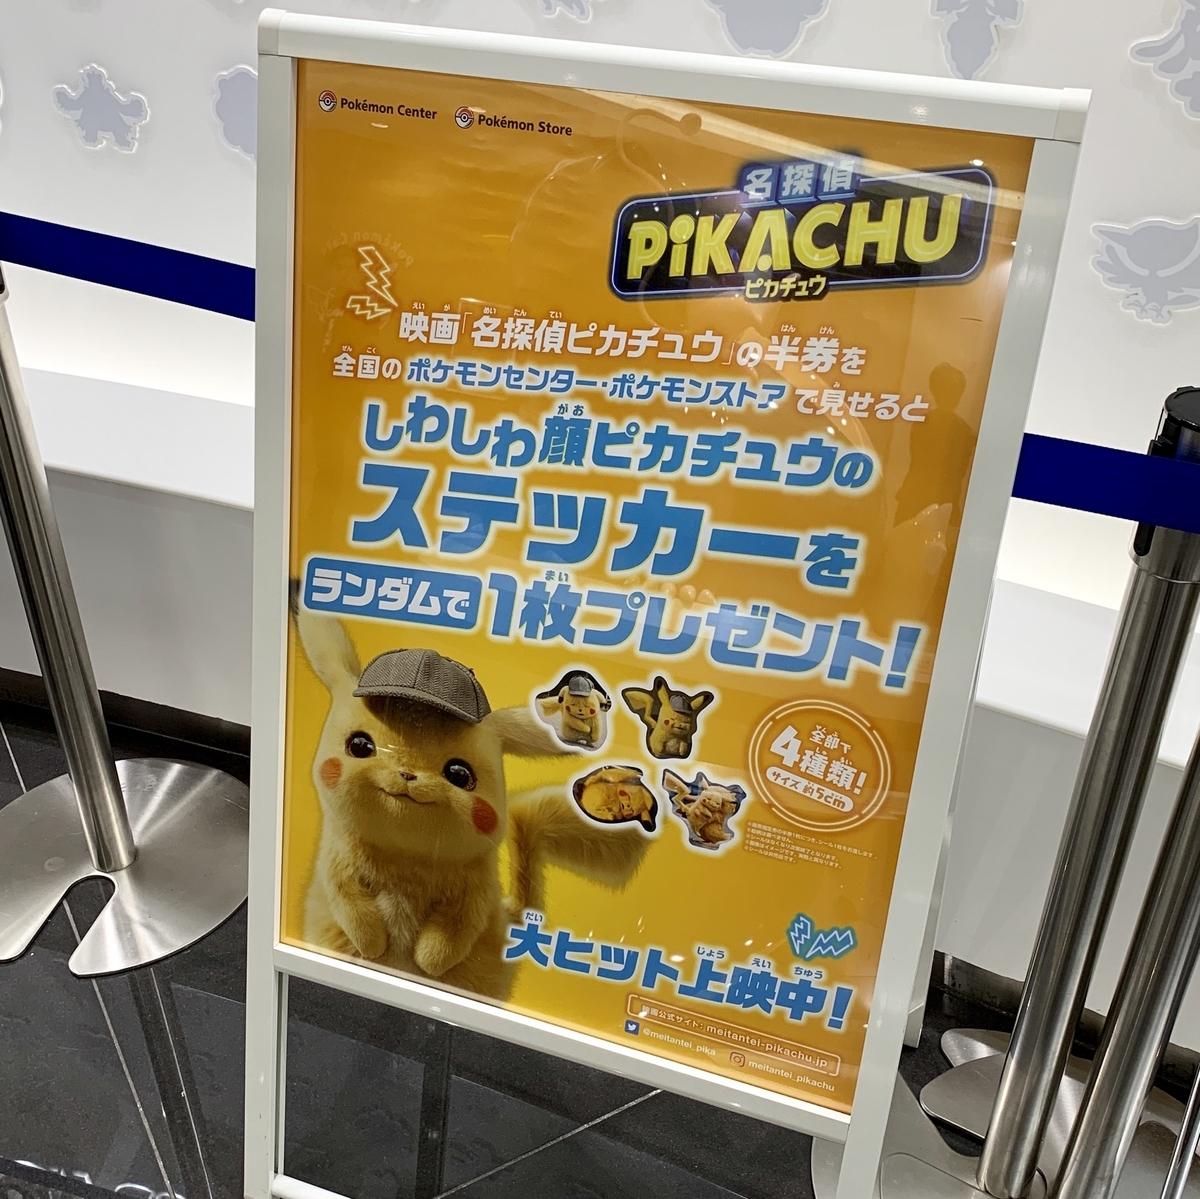 f:id:pikachu_pcn:20190525181724j:plain